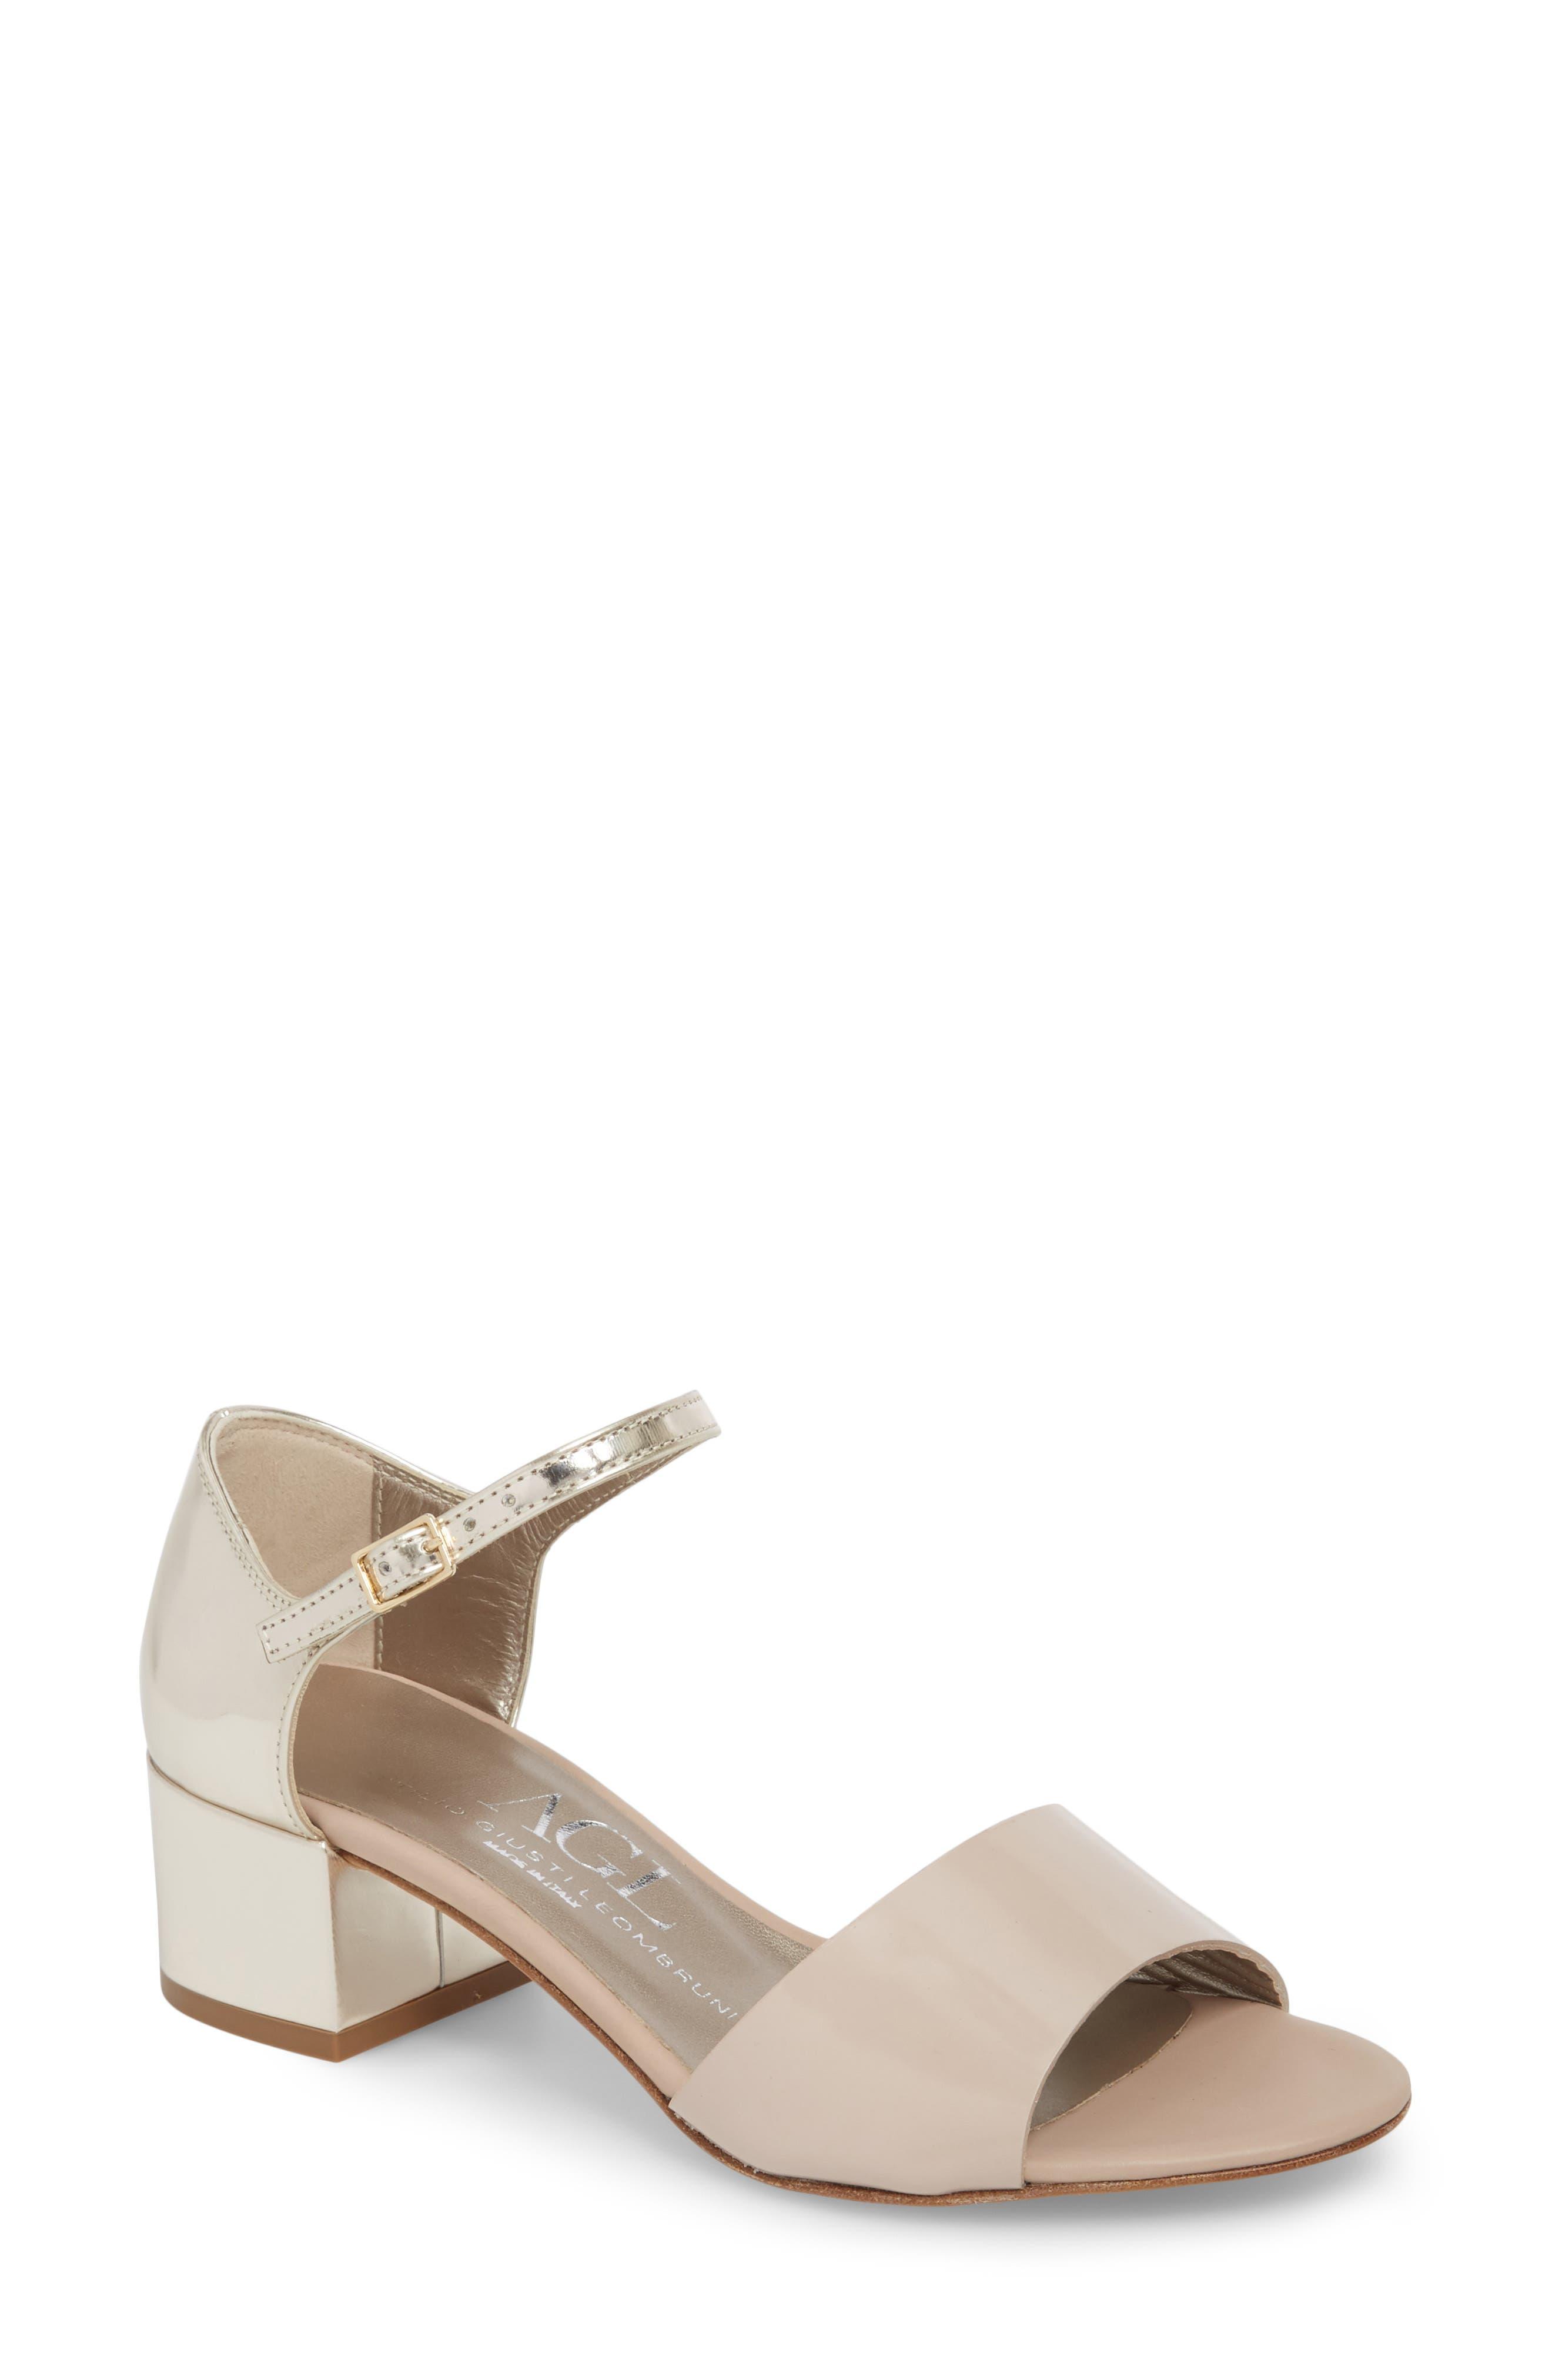 Alternate Image 1 Selected - AGL Quarter Strap Sandal (Women)